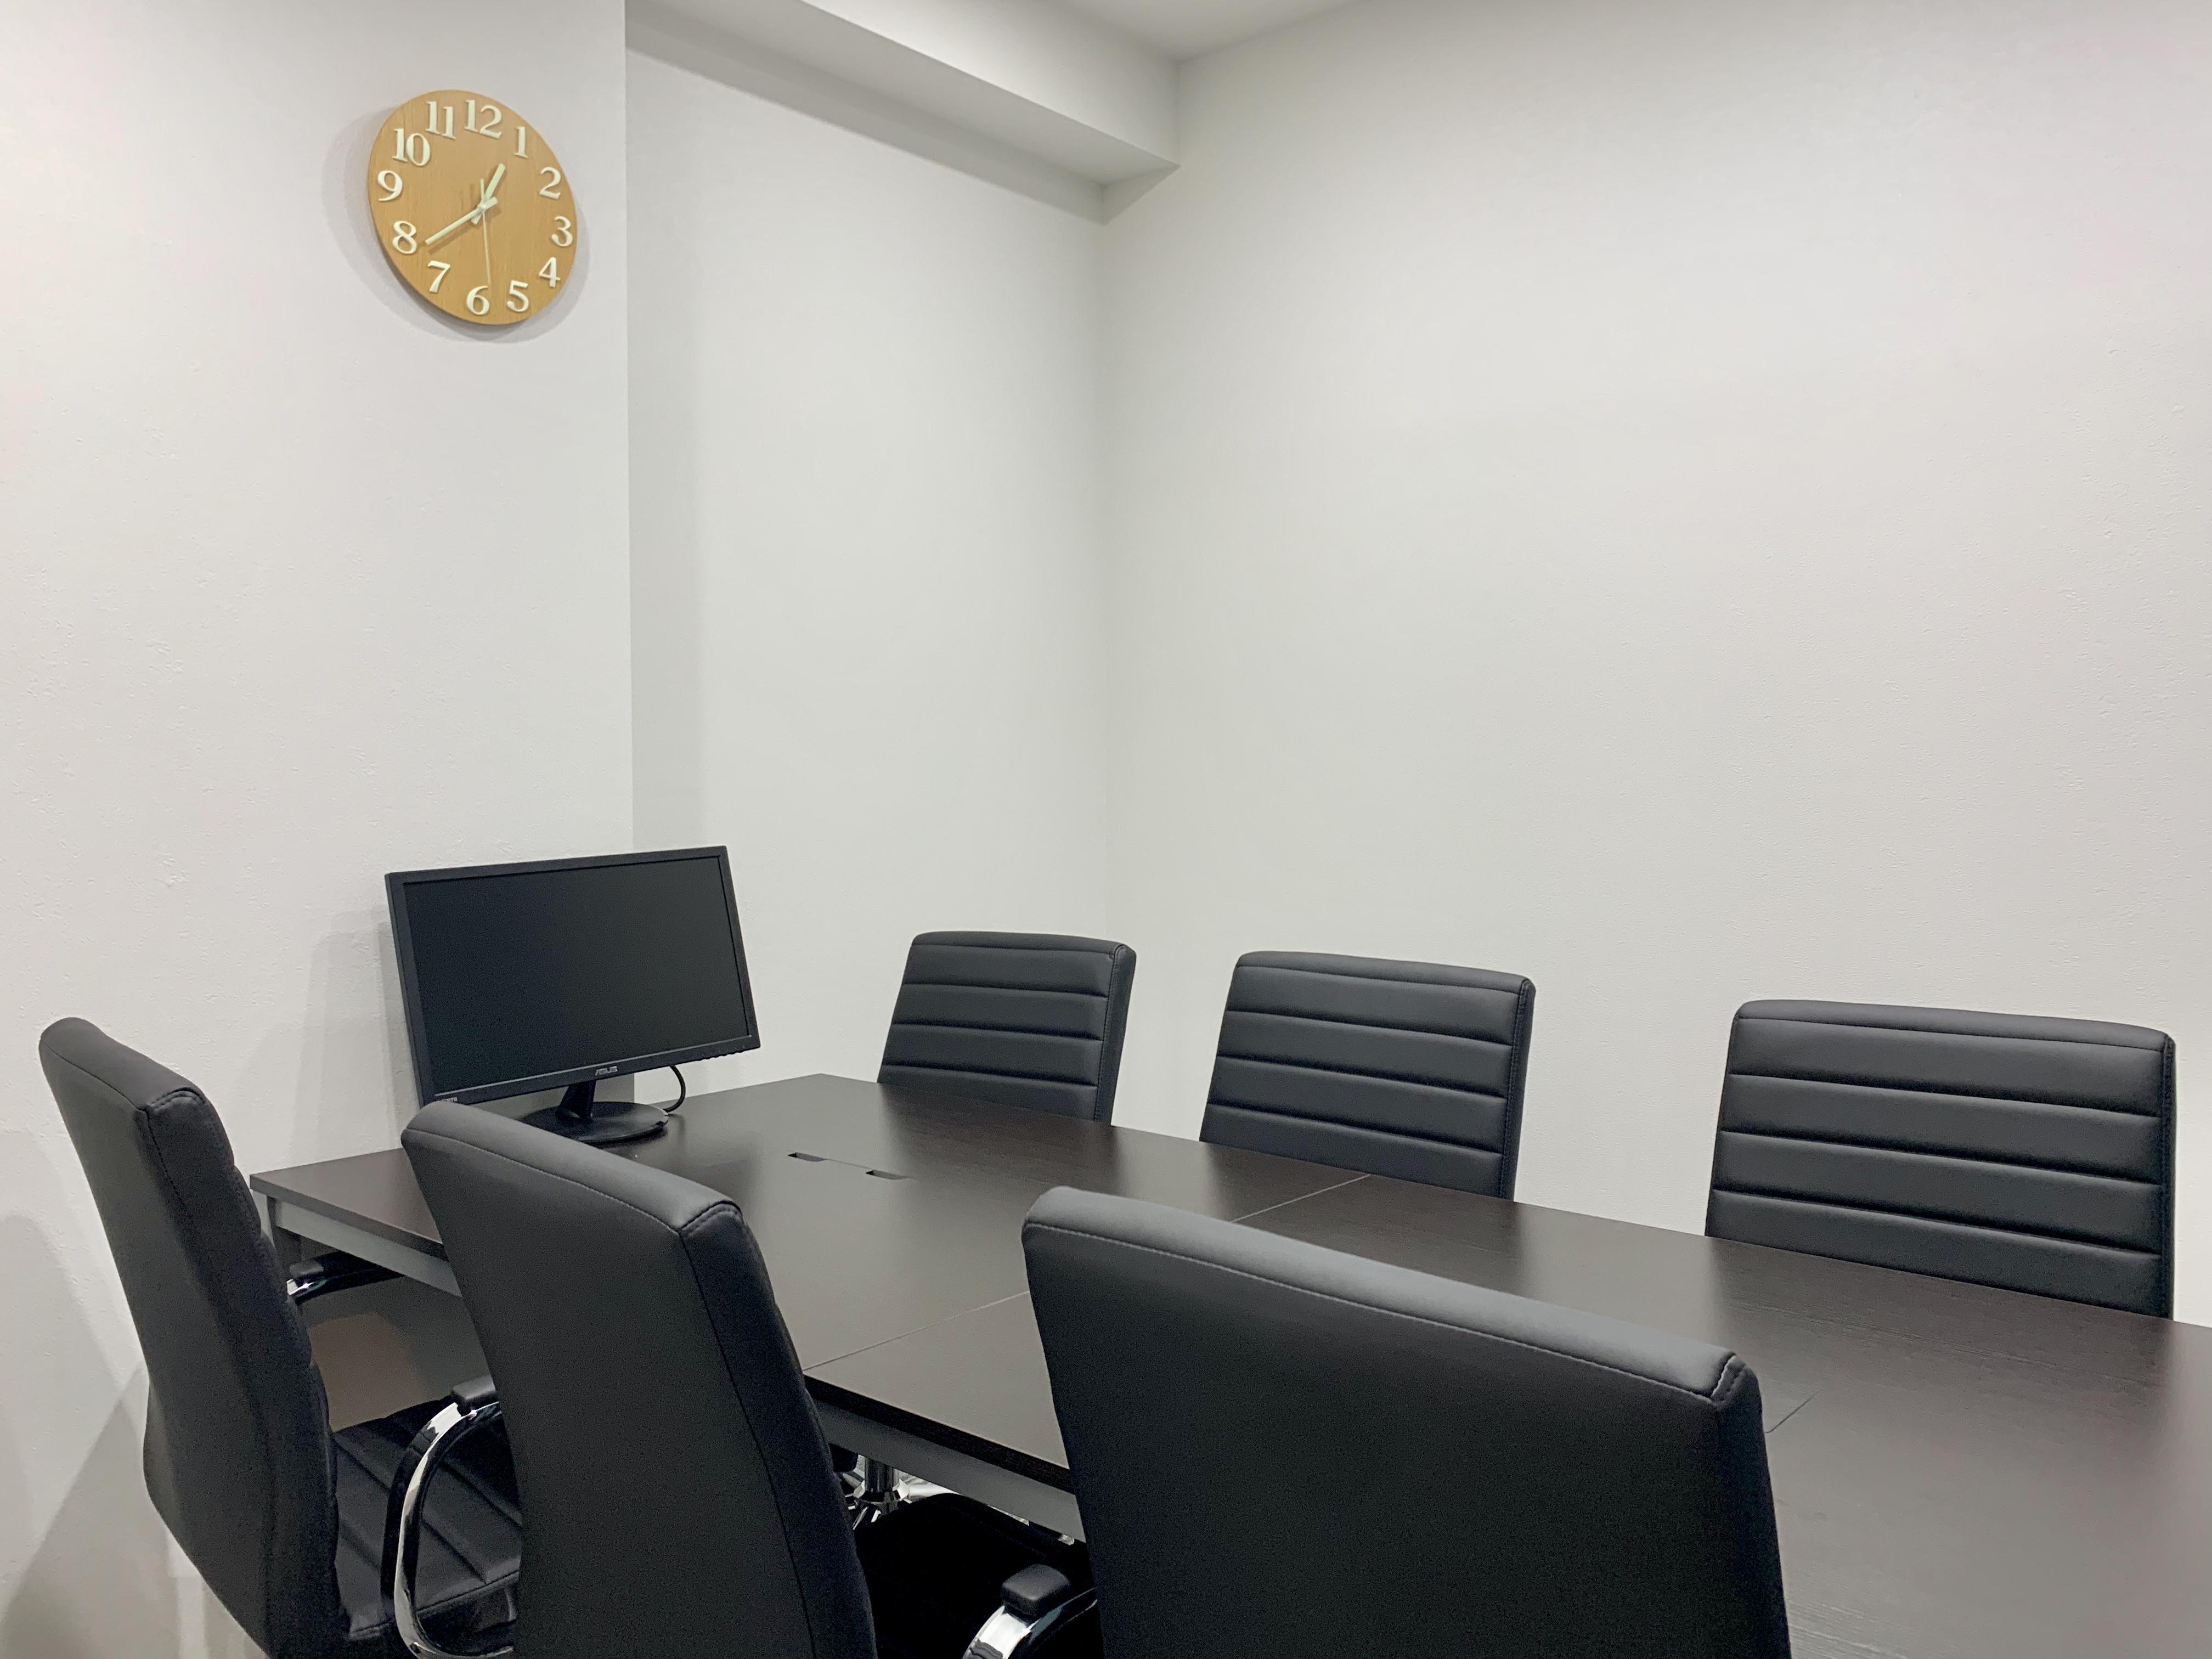 モニターが設置されているので、遠隔会議にも便利